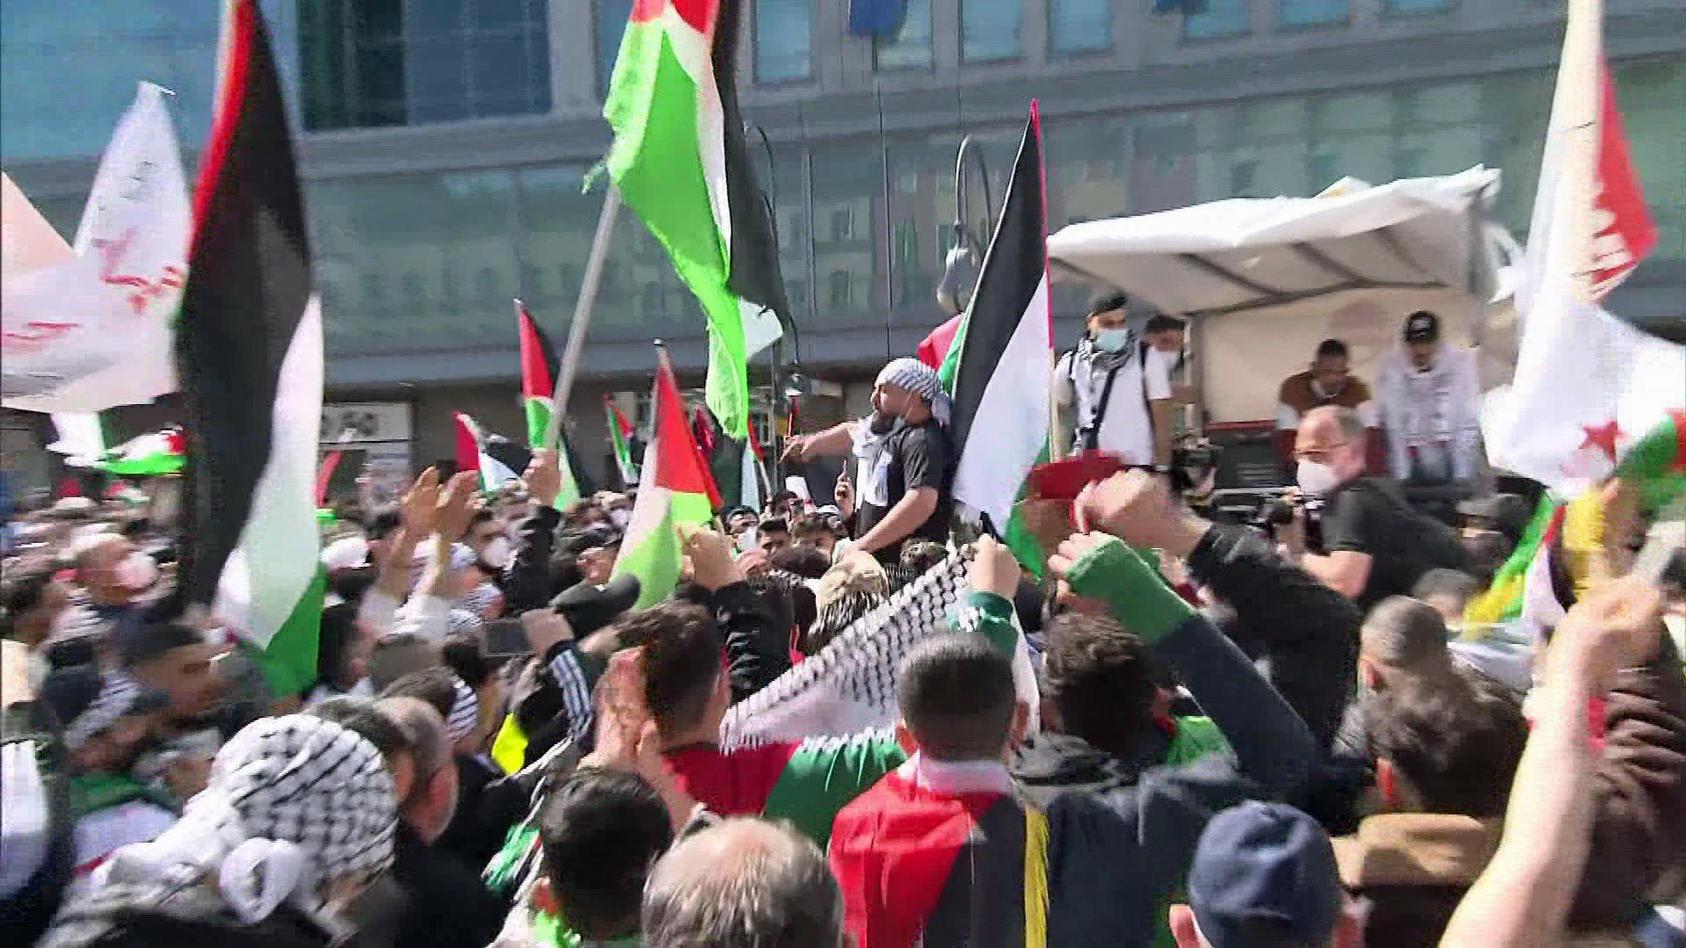 Radikale Protestierer fordern bei Demonstrationen die die Auslöschung Israels